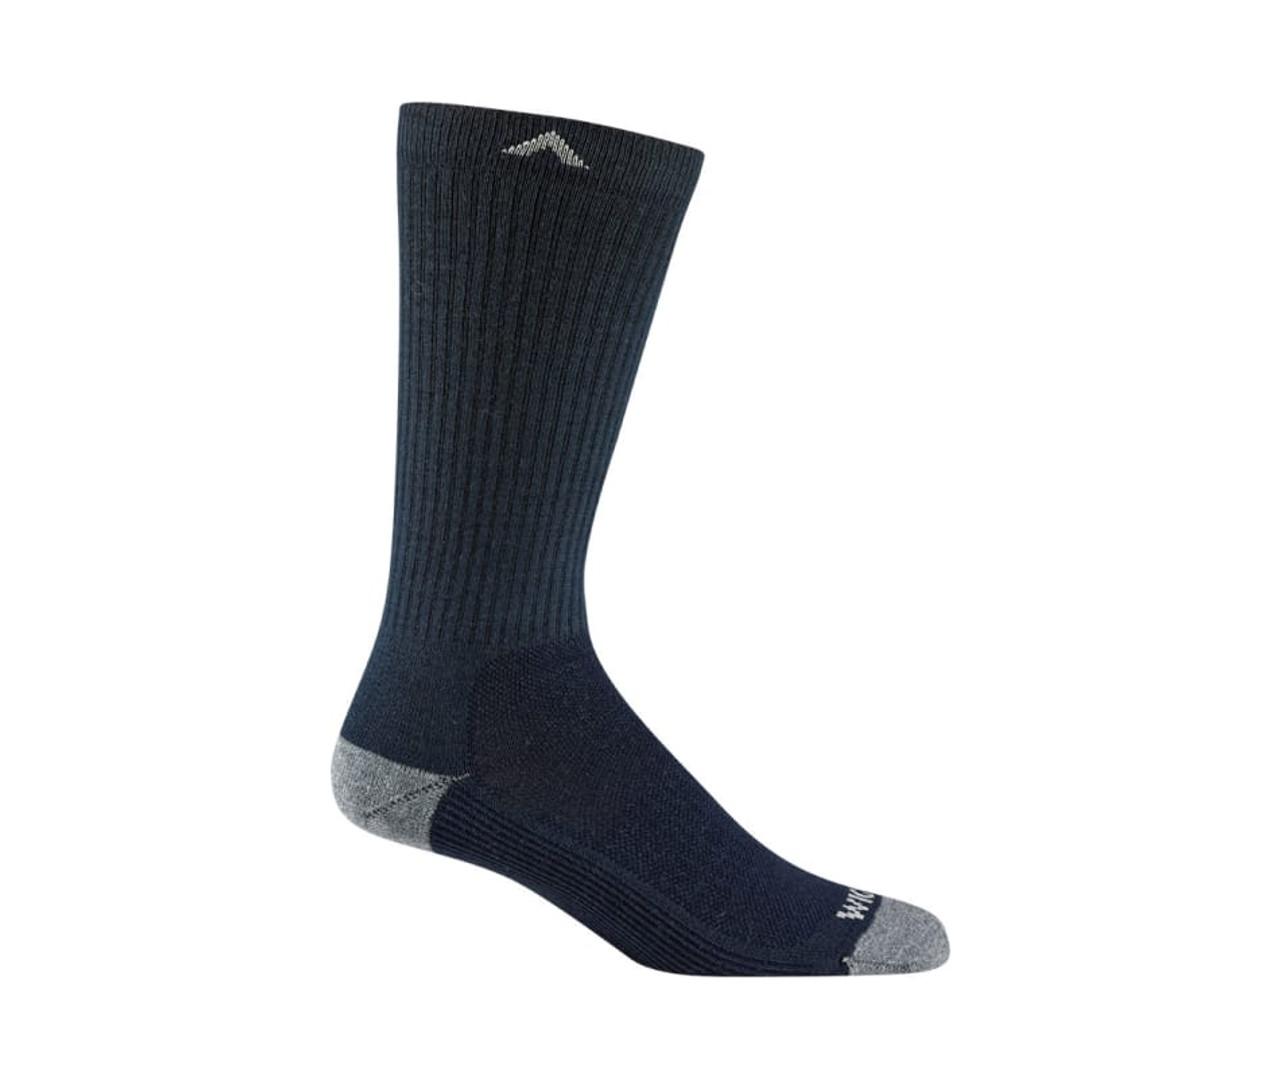 also wigwam core nxt socks navy boardparadise rh